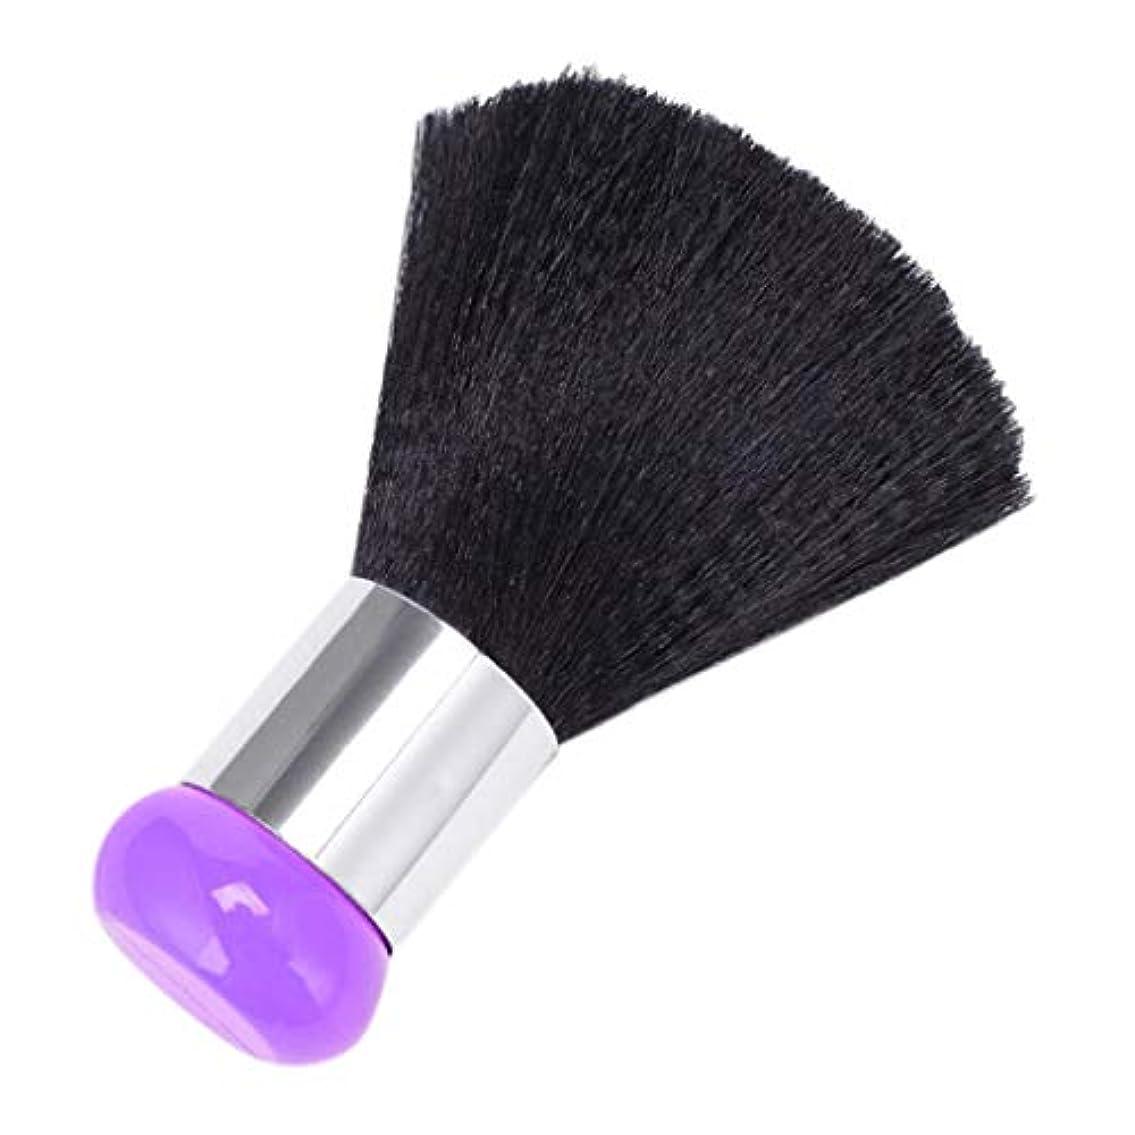 避けられないトロイの木馬偉業ヘアカット ネックダスタークリーナー ヘアブラシ サロンツール 2色選べ - 紫